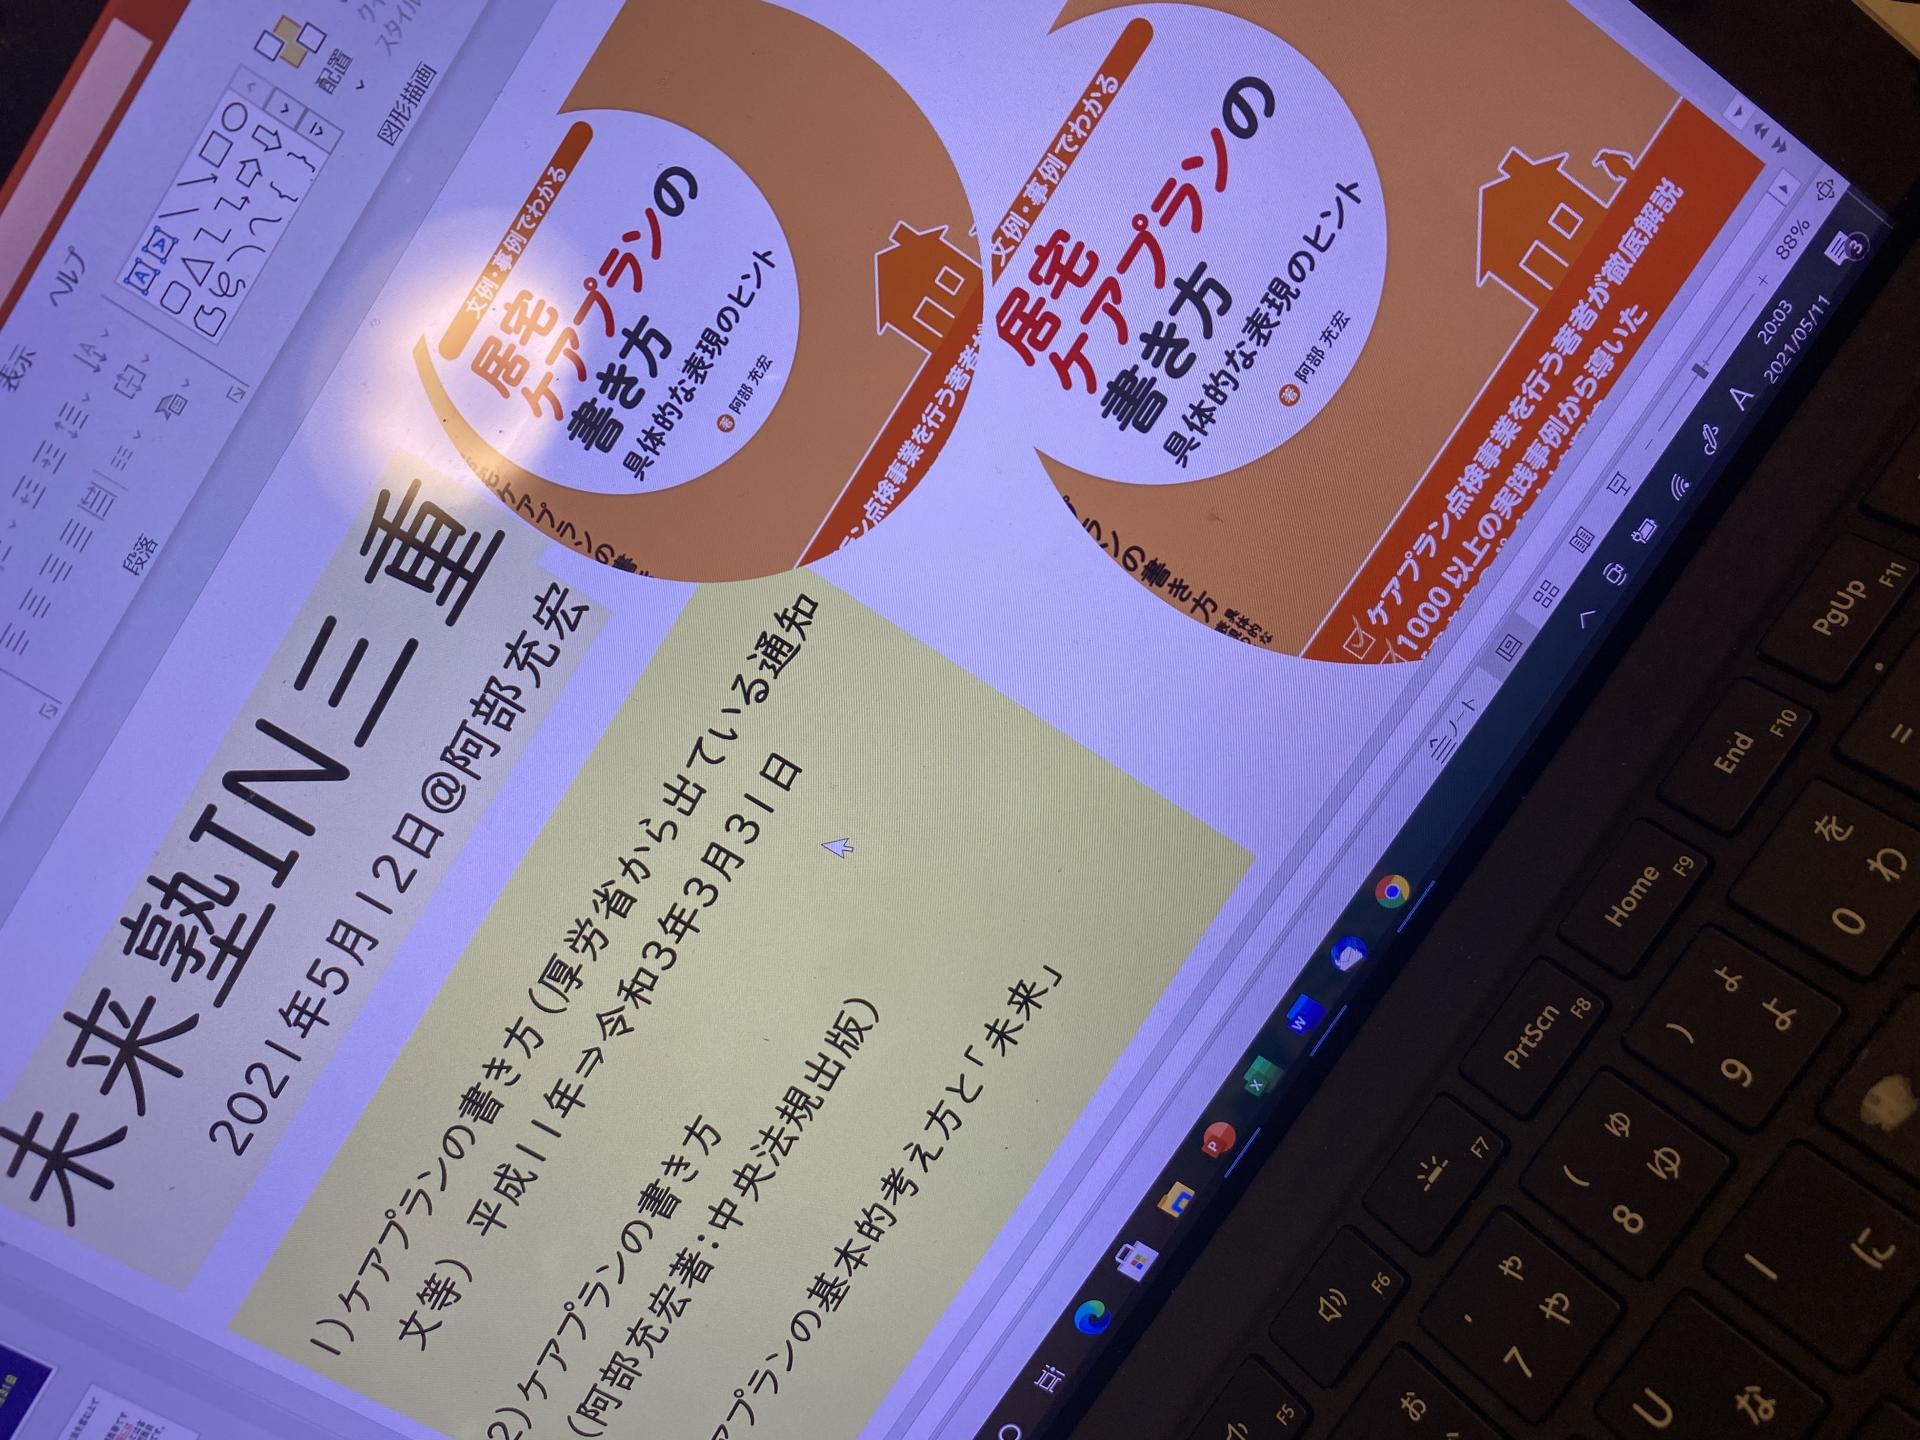 【346】 未来塾IN三重 準備完了!